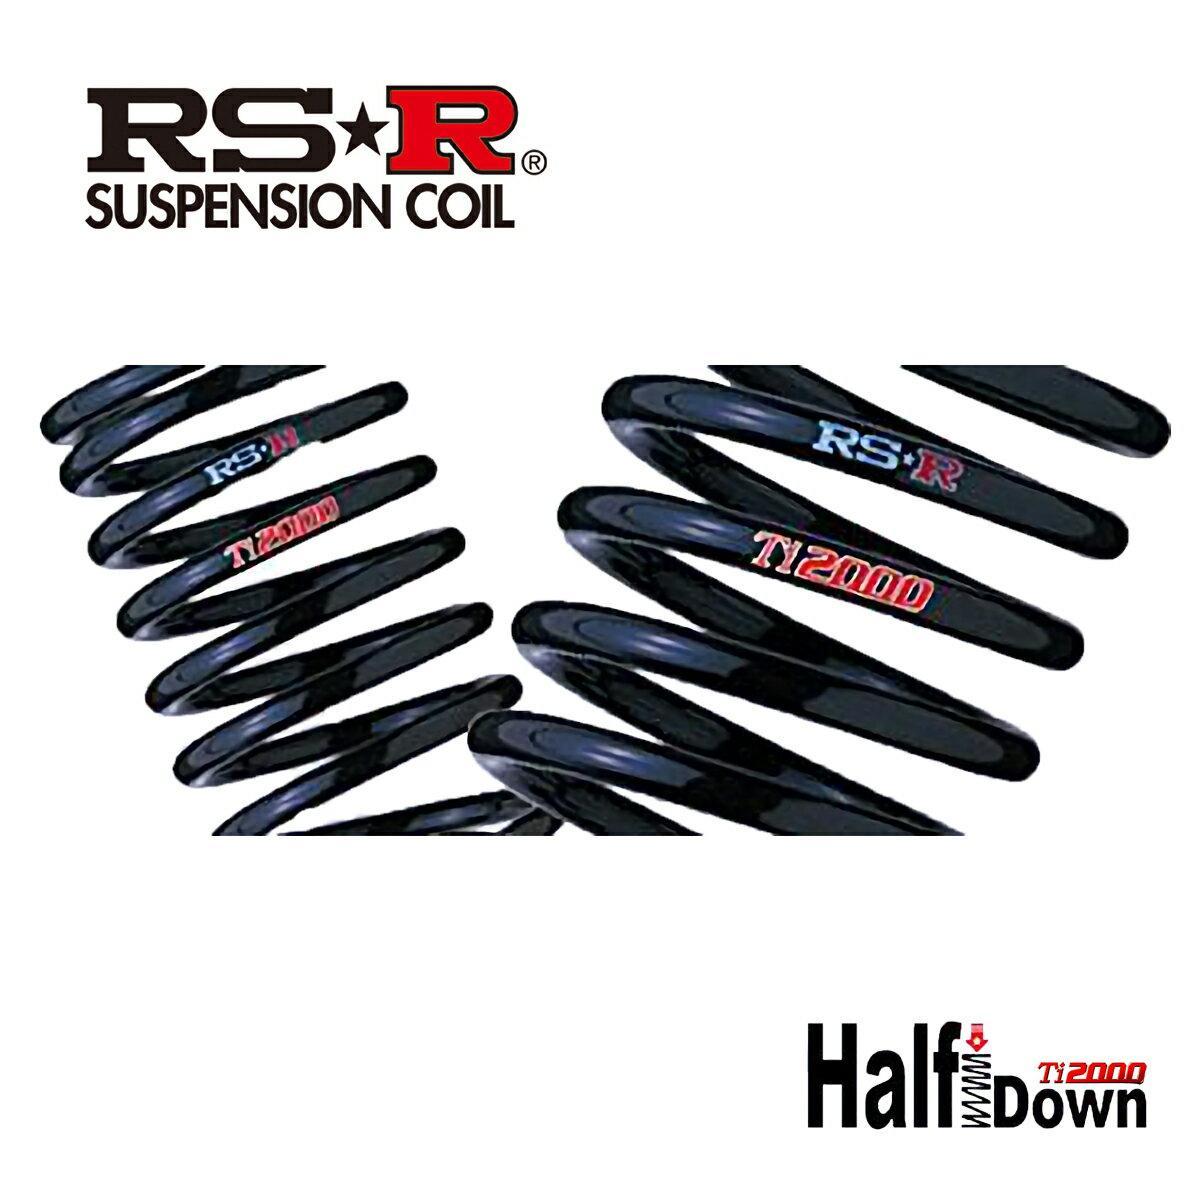 RS-R アルト F HA36S ダウンサス スプリング フロントのみ S021THDF Ti2000 ハーフダウン RSR 個人宅発送追金有